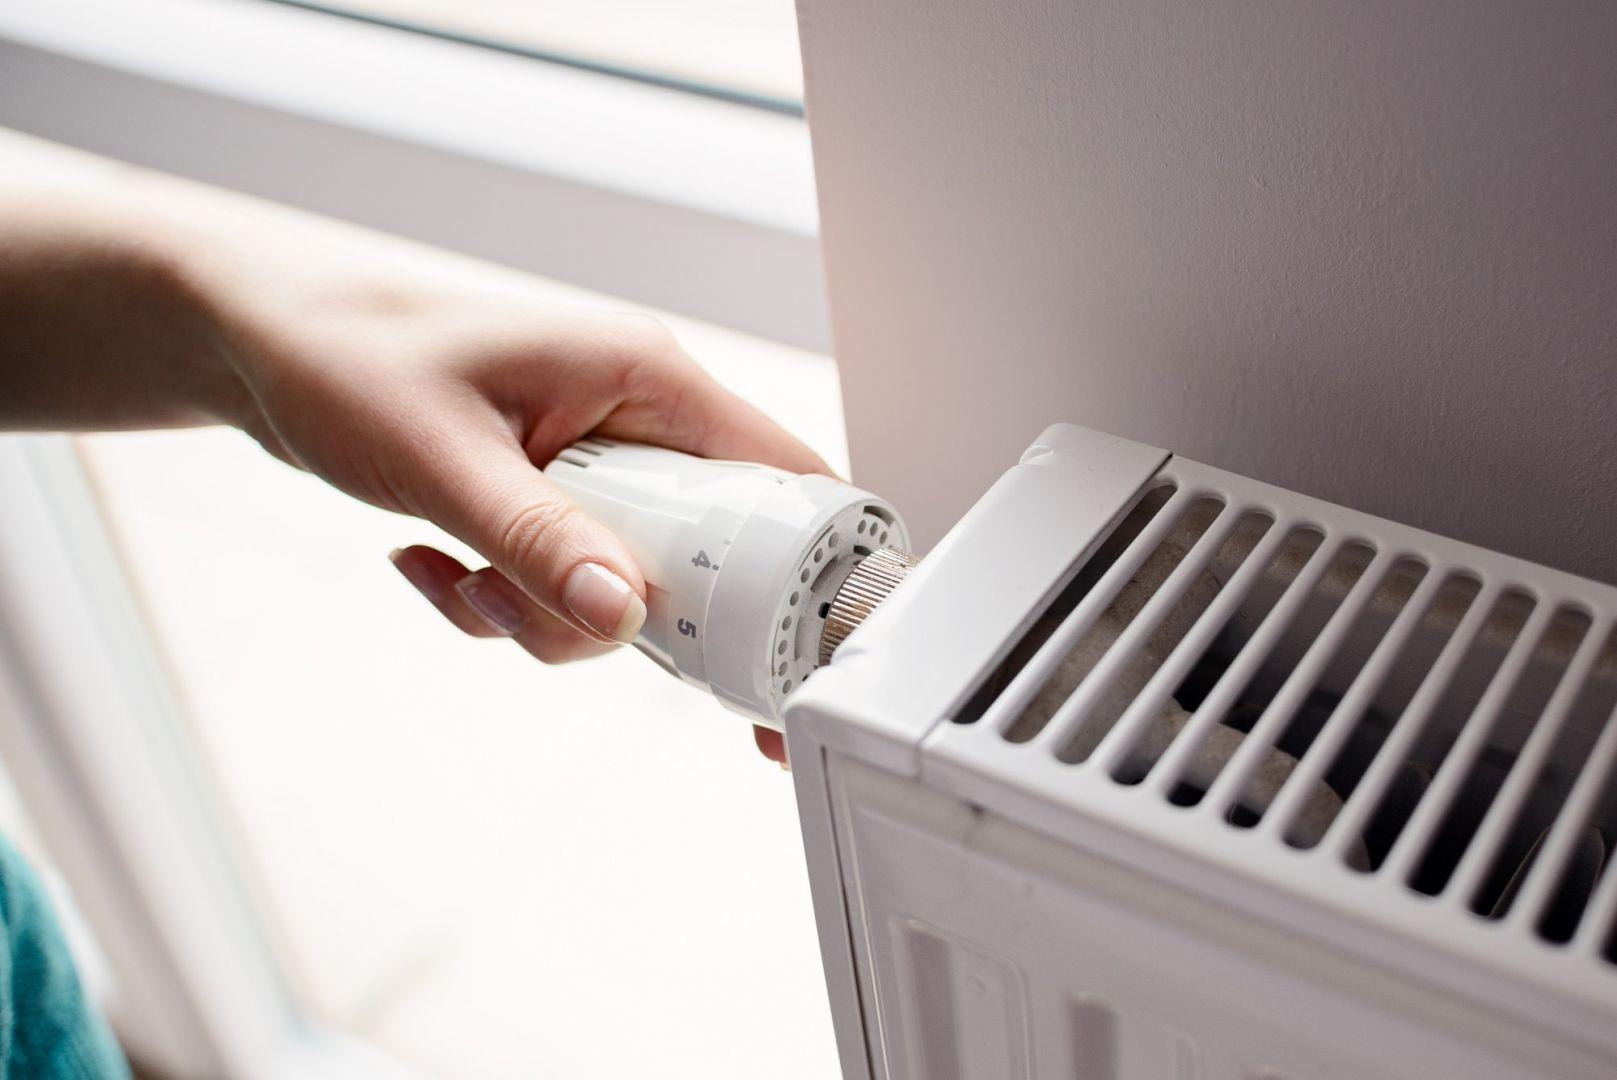 Pompa ciepła jest bardzo ekonomiczna w porównaniu z tradycyjnymi systemami grzewczymi. Fot. AdobeStock / Foton Technik